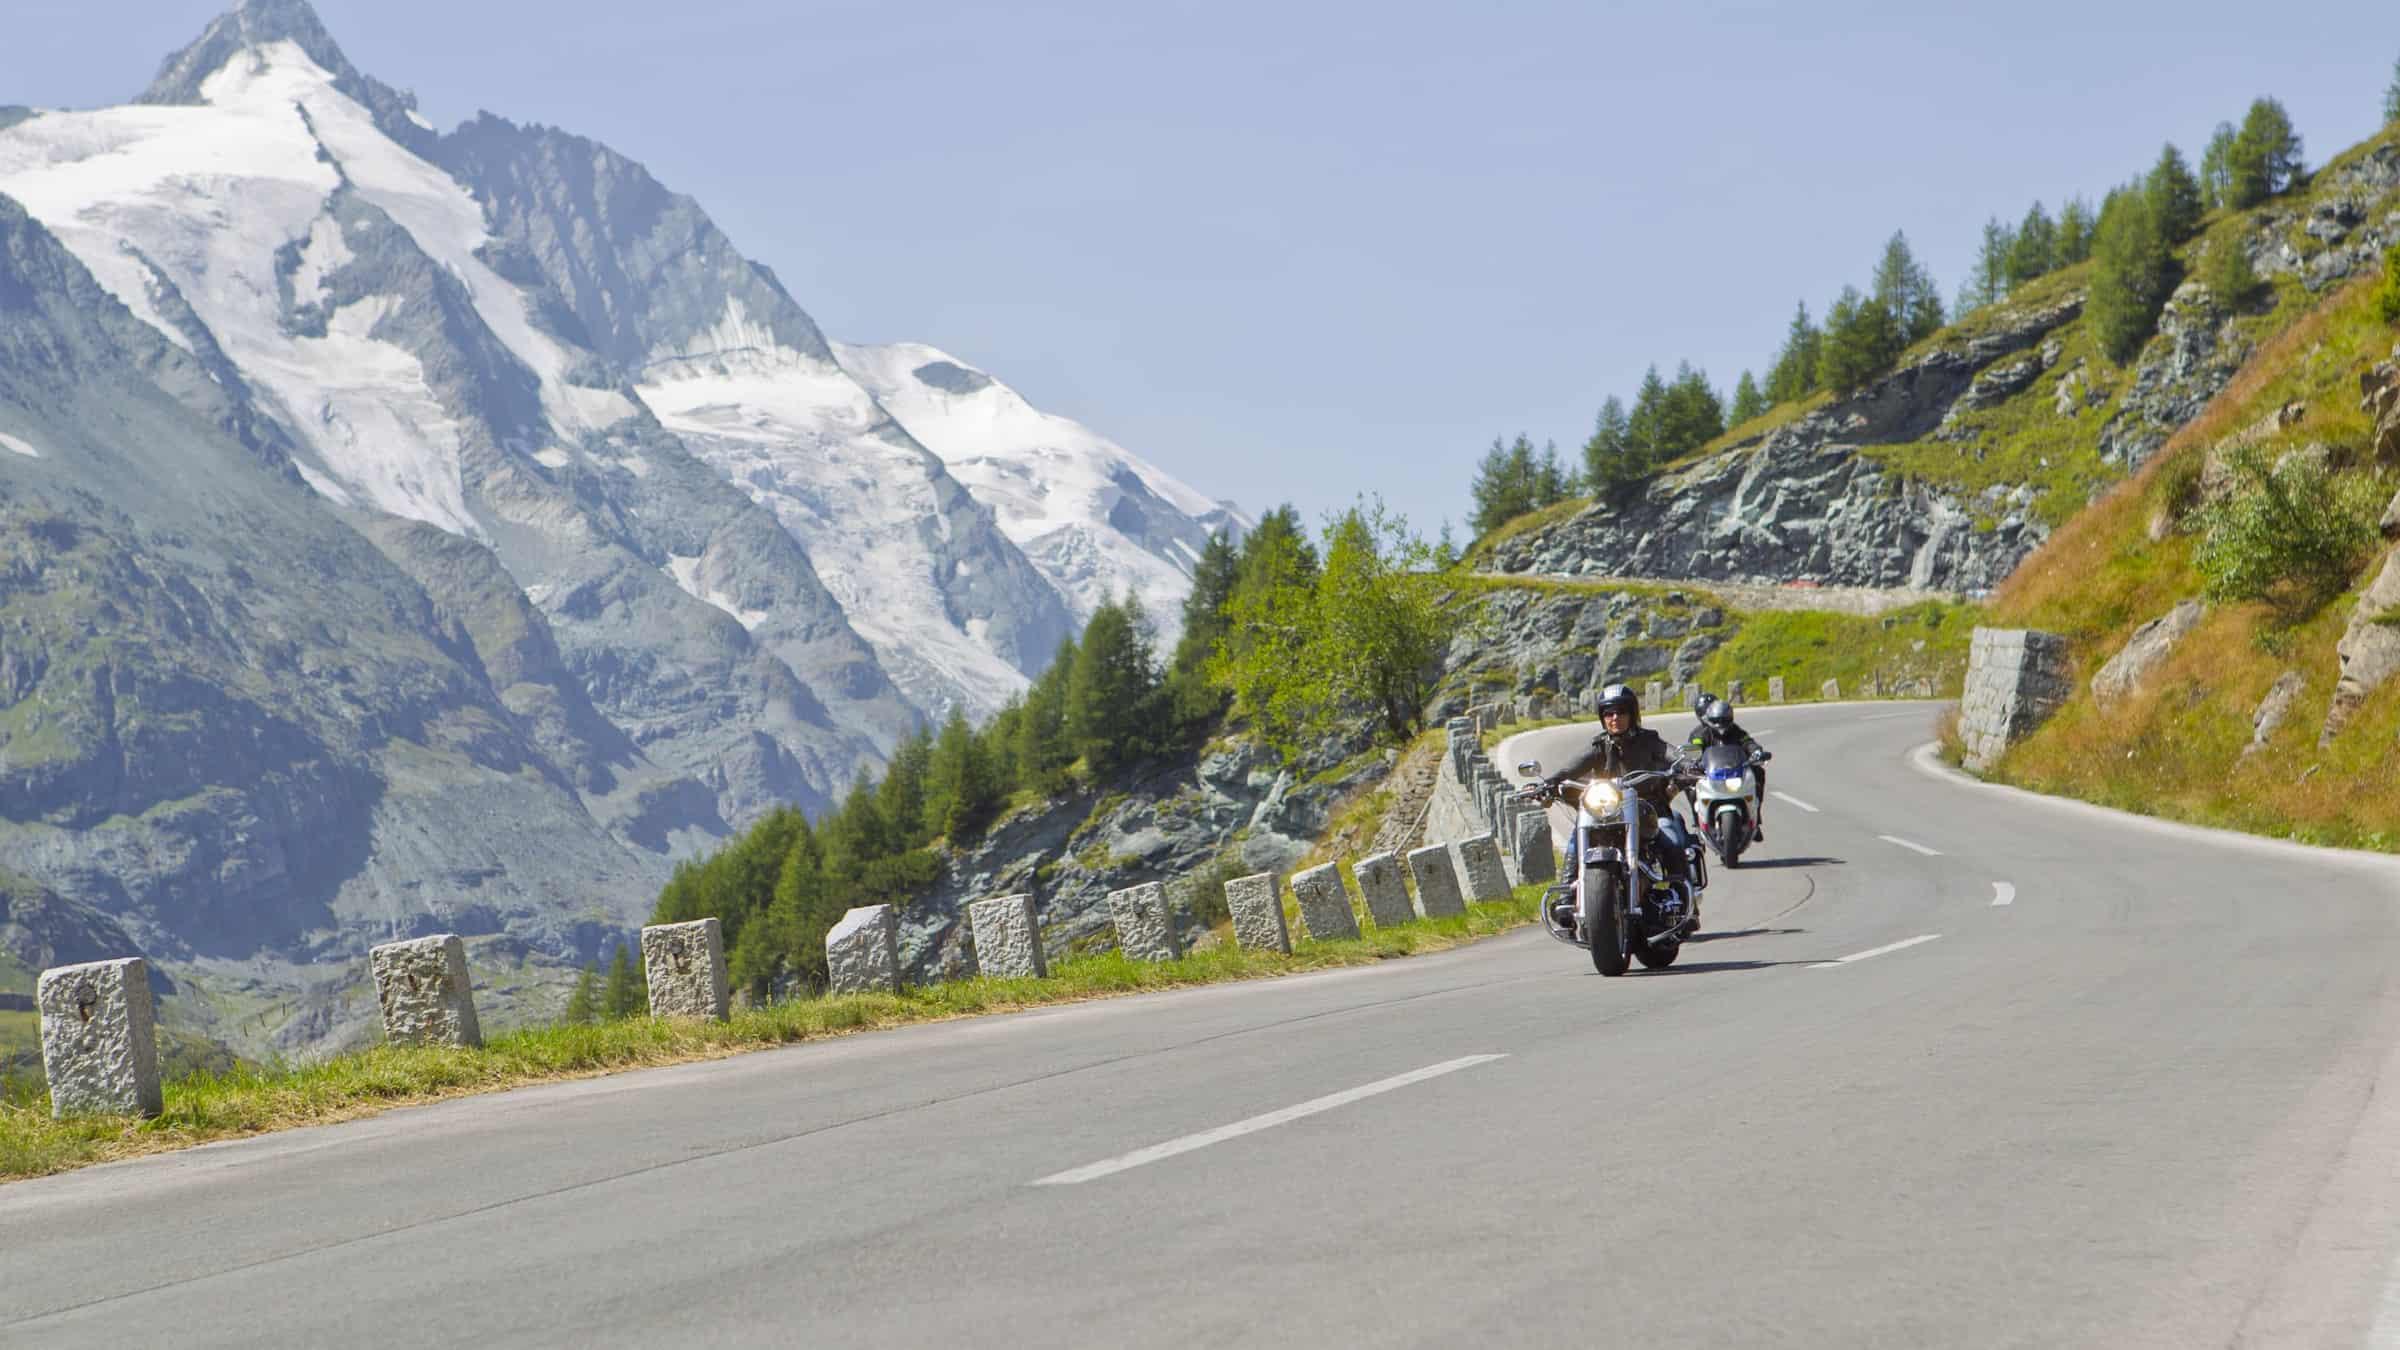 Motorradfahrer entlang der Großglockner Hochalpenstraße mit Großglockner im Hintergrund. Schönste Panoramastraße in Österreich.